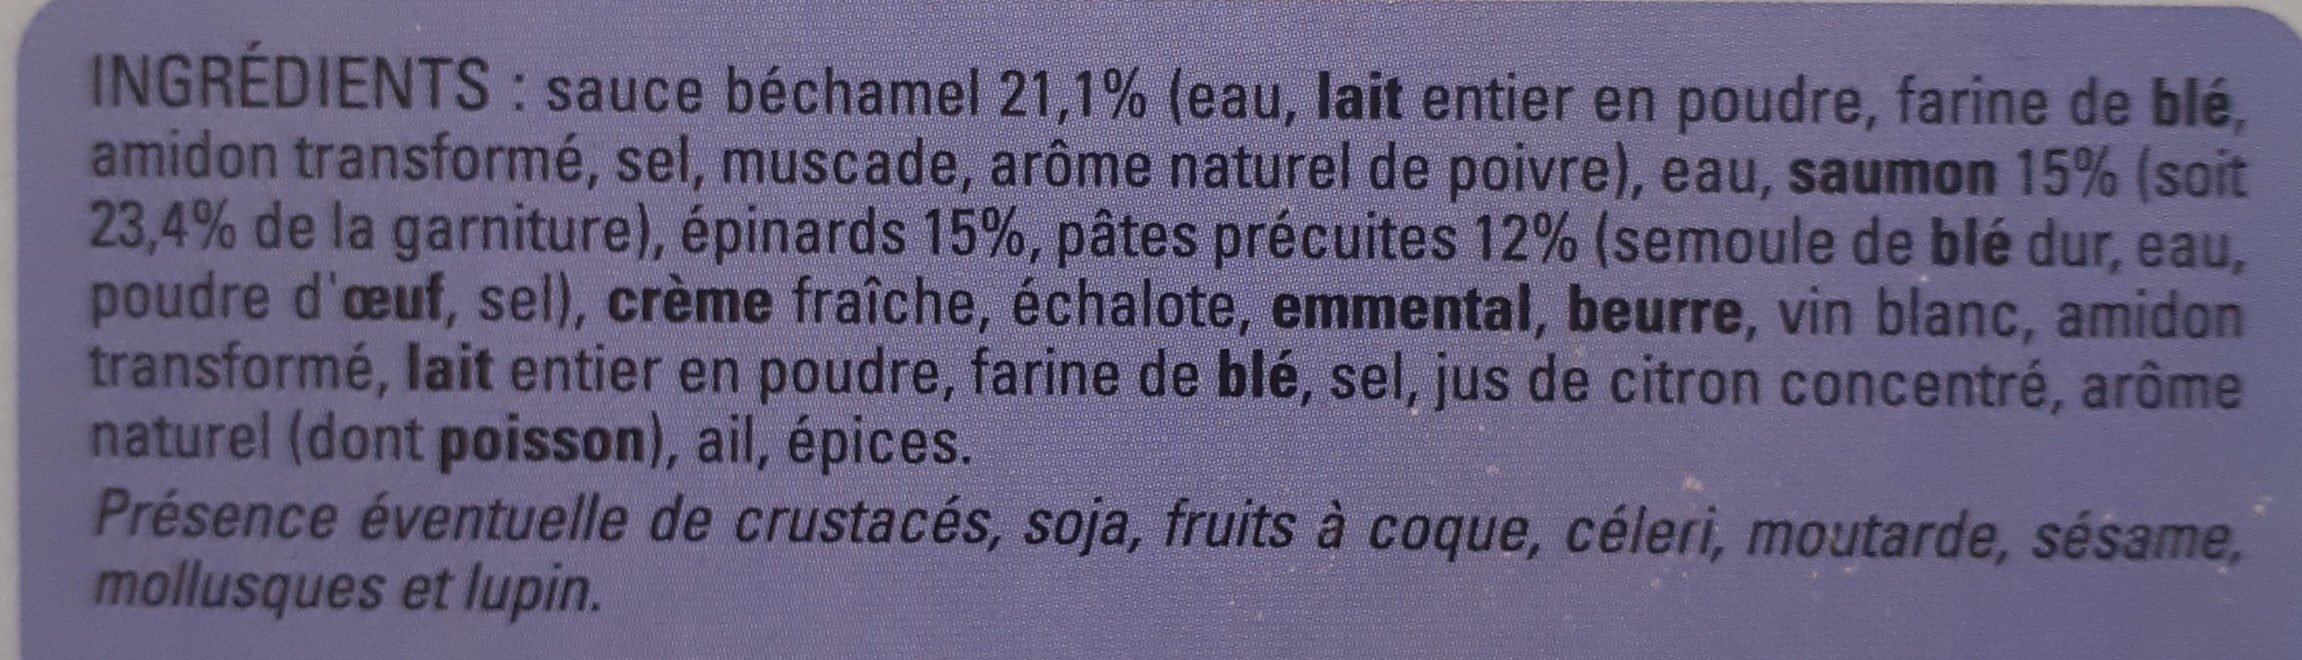 Lasagnes au saumon et épinards - Ingrediënten - fr